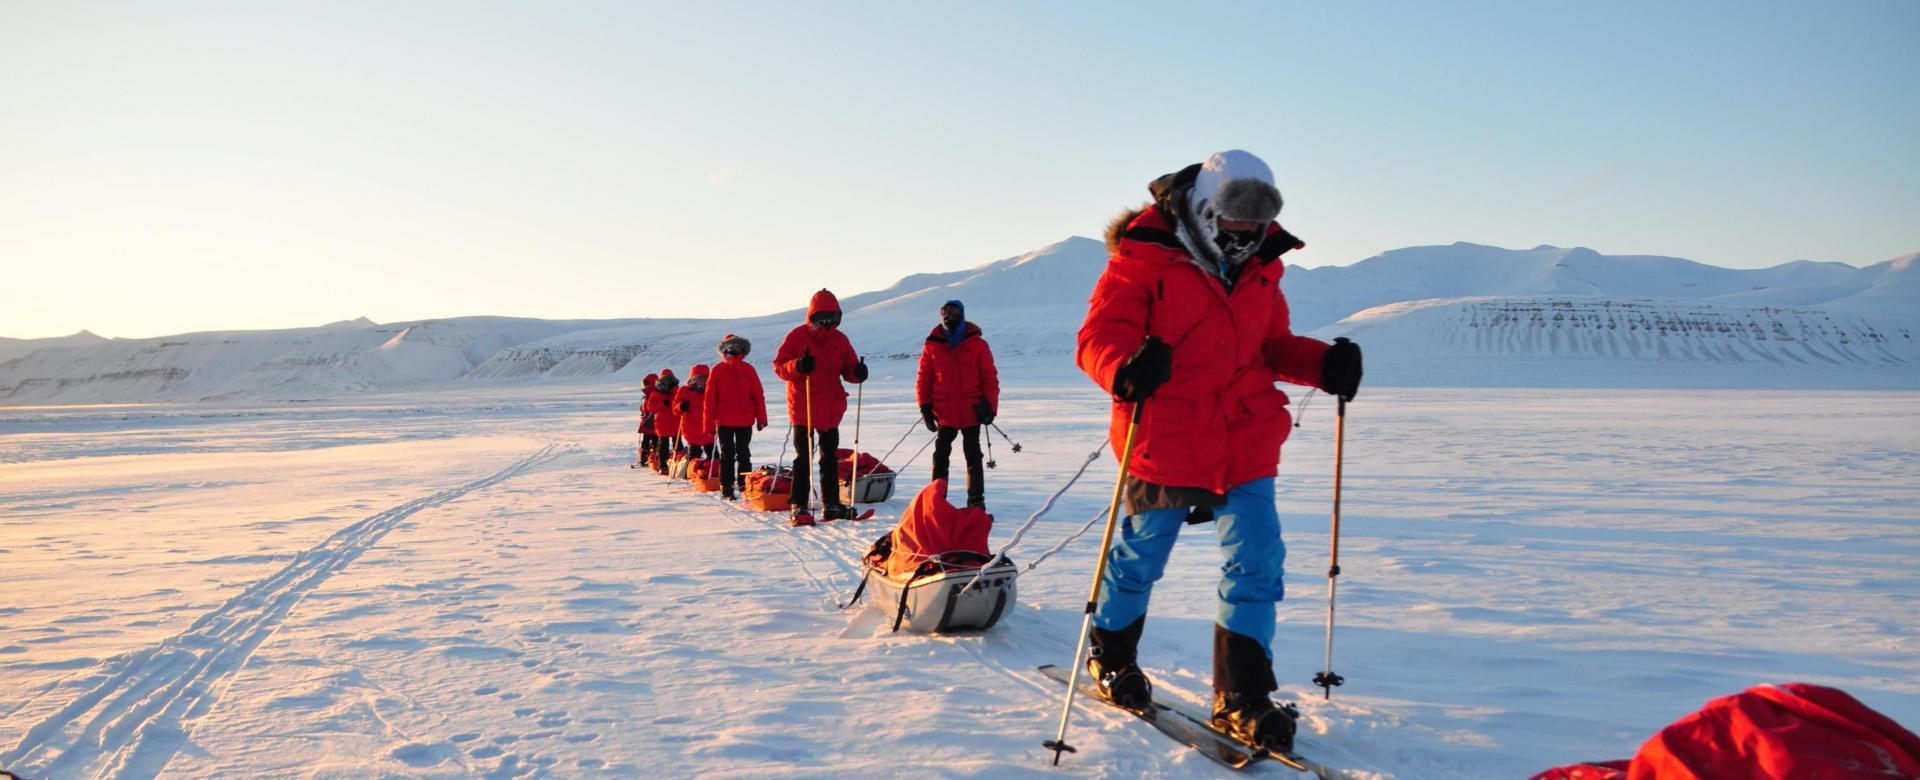 Voyage à pied : Dubai : Objectif glacier von post à skis ou raquettes